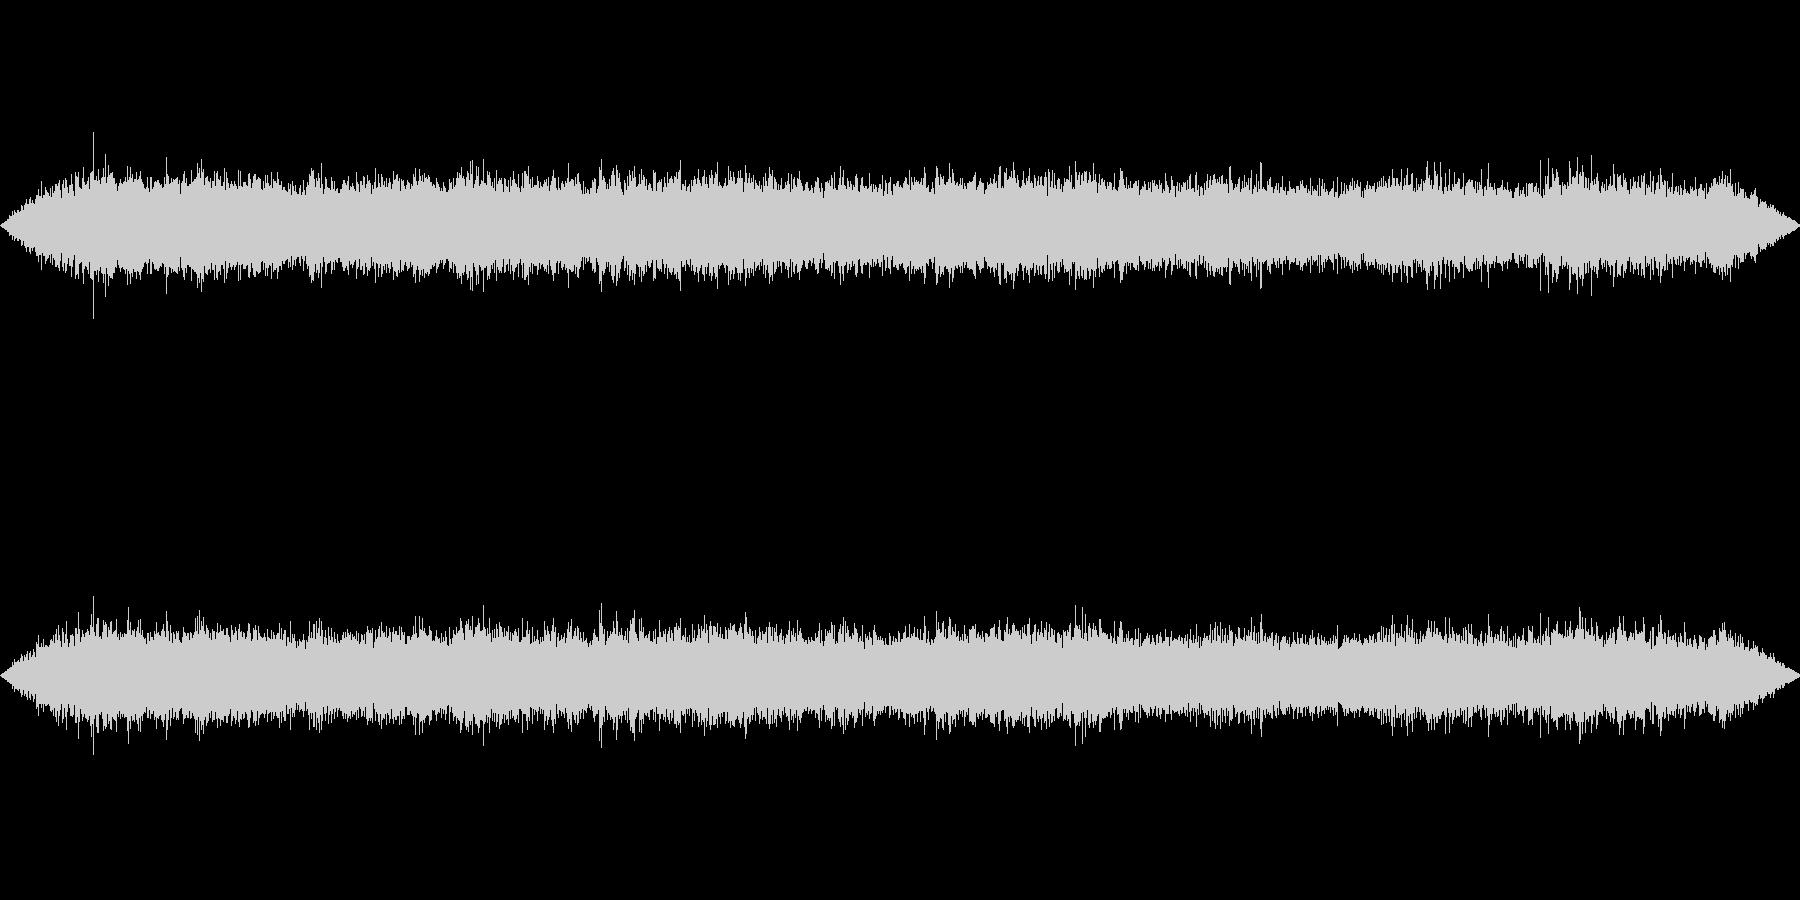 環境音-ガヤ イベント会場の未再生の波形